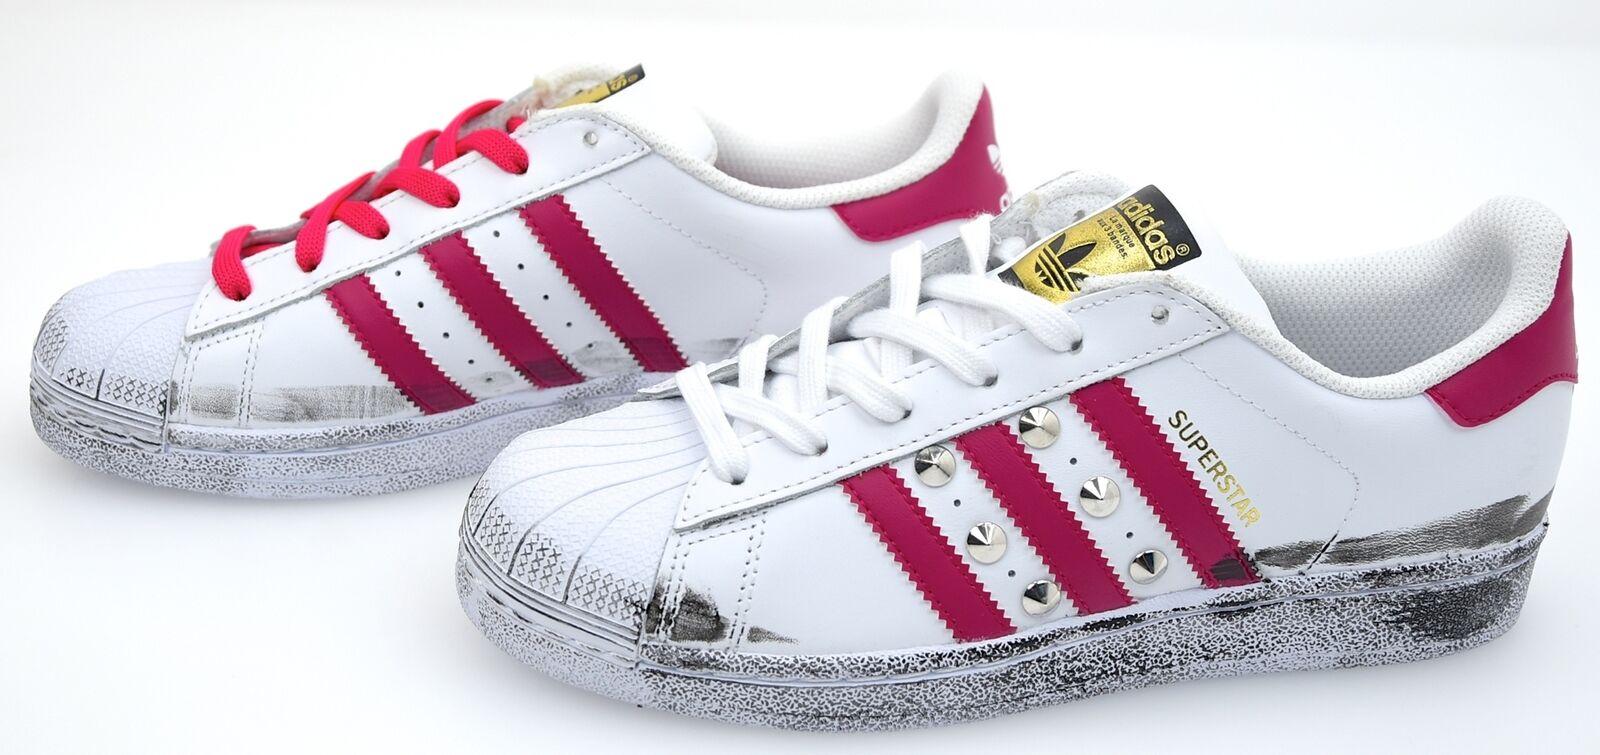 Adidas - sneaker locker erreicht libero tempo libero erreicht pelle kunst.b23644 superstar fb62fb